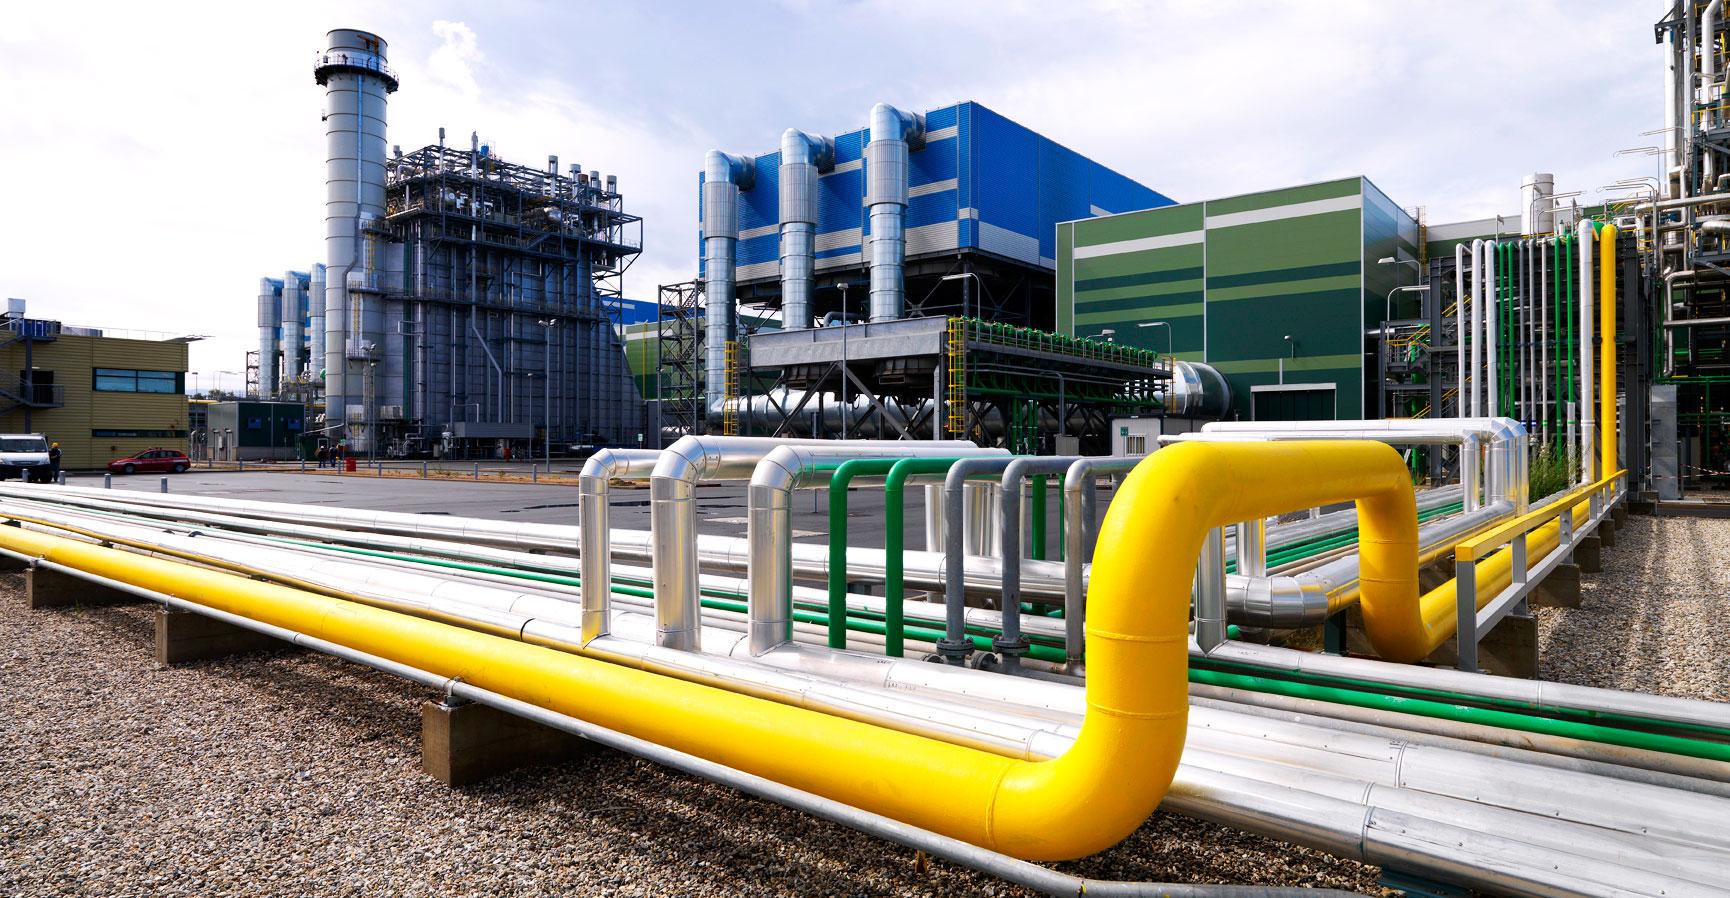 Газификация промышленных объектов и предприятий: цена, под ключ